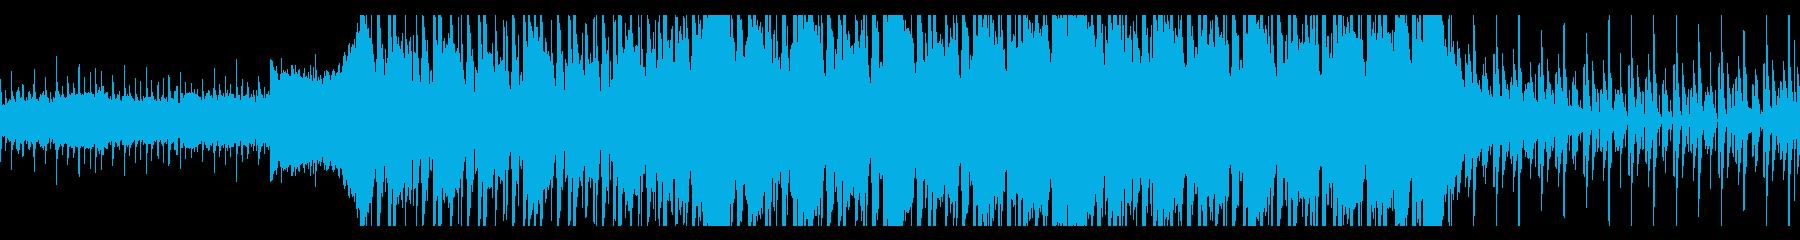 実験的な岩 バックシェイク 積極的...の再生済みの波形